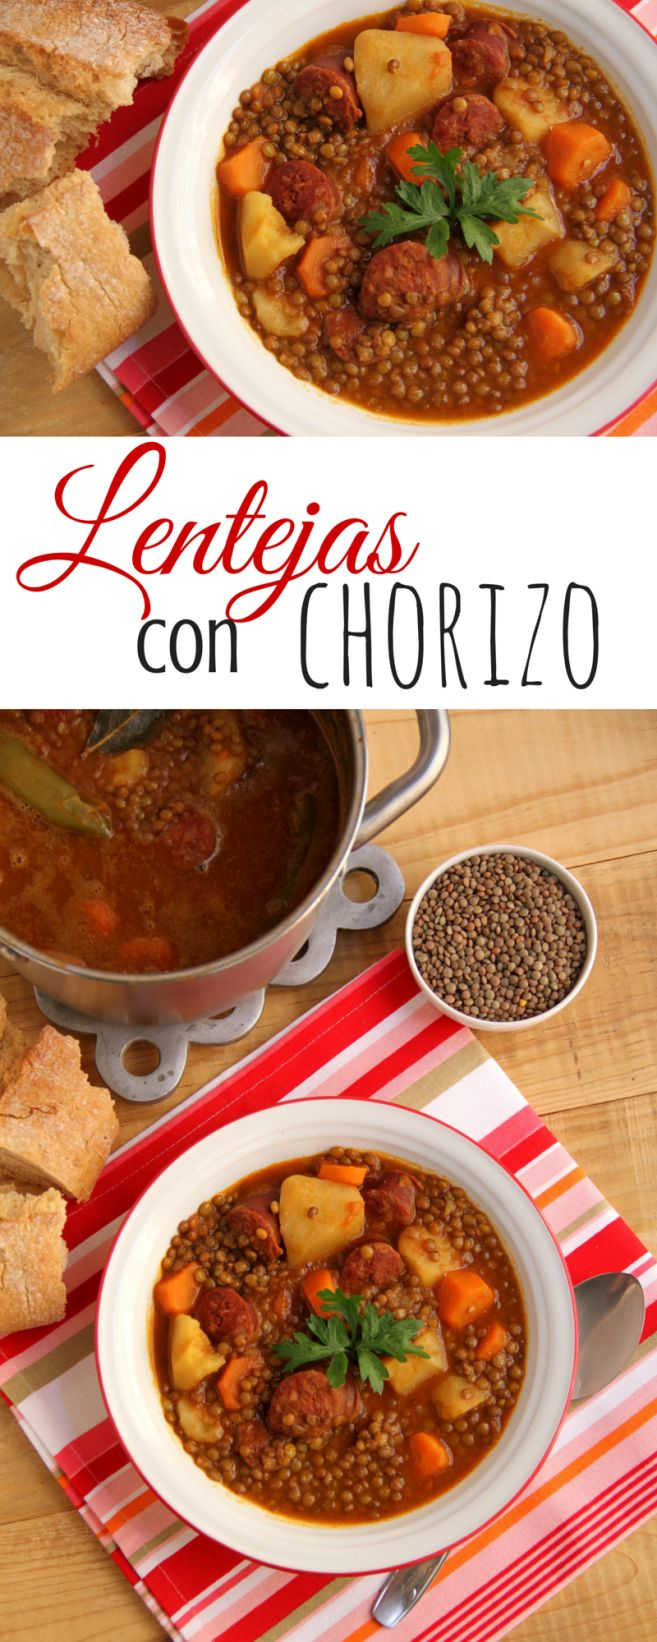 Lentejas con chorizo, Lentis with chorizo.